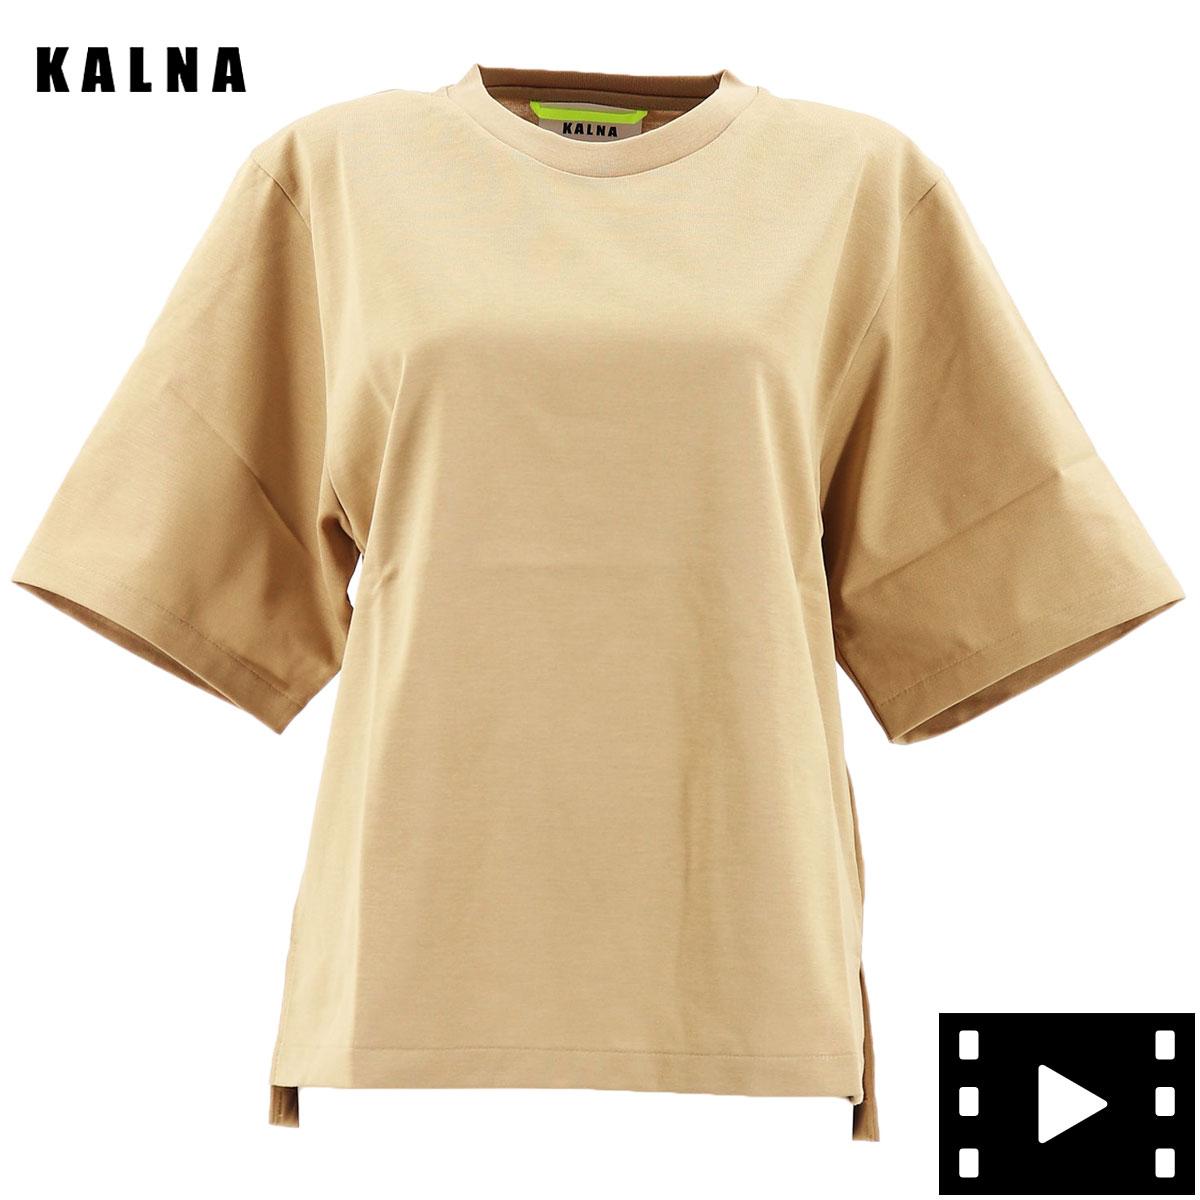 2021年春夏新作 国内正規品 新作多数 即日発送 カルナ KALNA レディース ウルティマ 071 クルーネック 半袖Tシャツ ベージュ KAL コットン 1A11202S 買い物